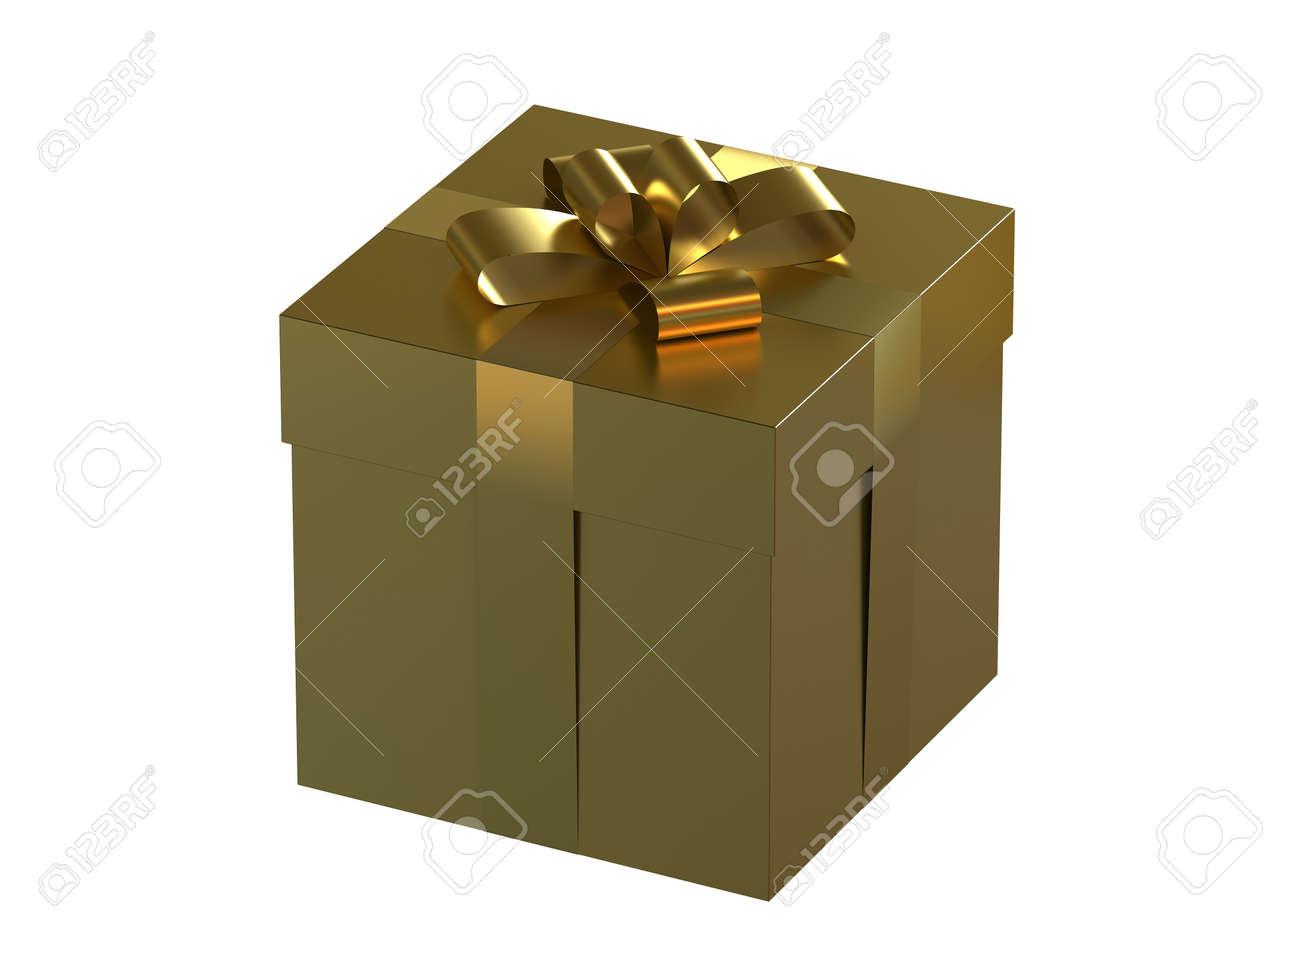 Gift box Stock Photo - 4200519